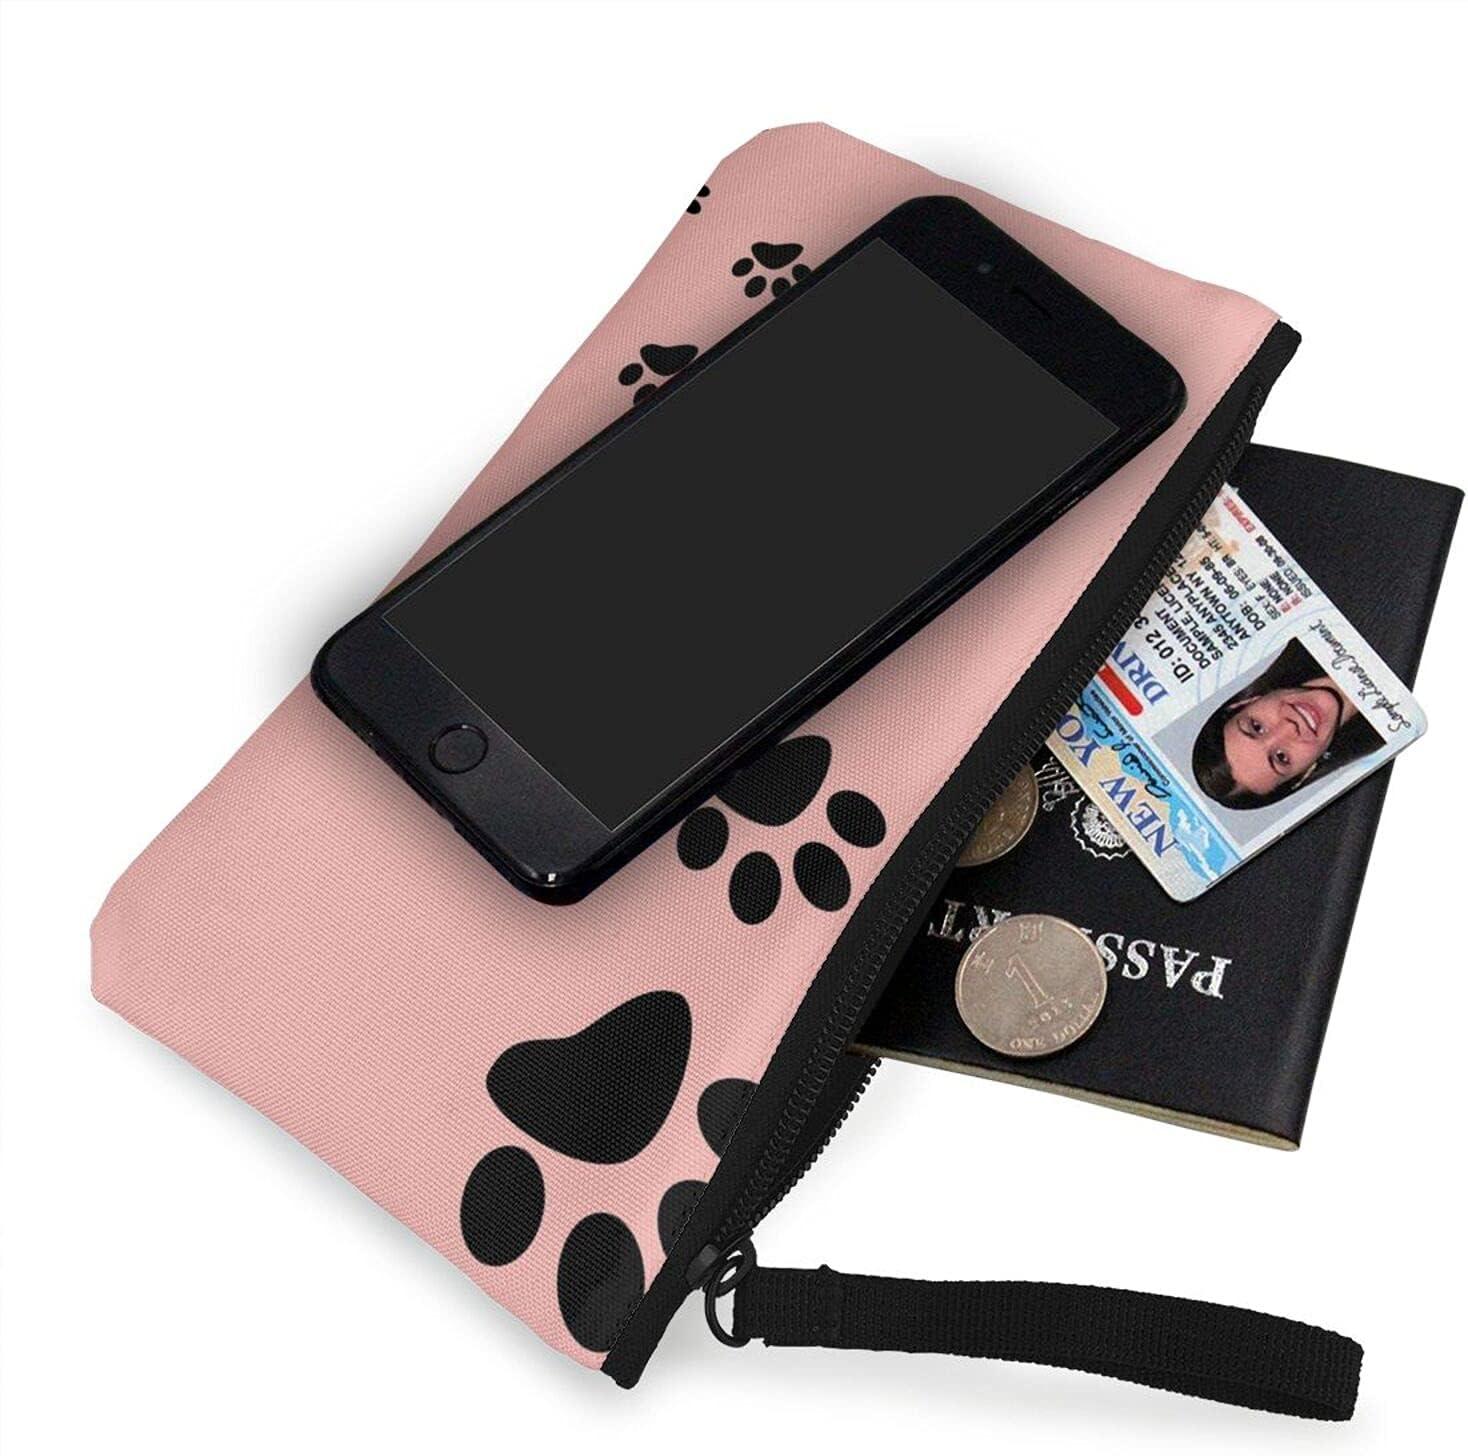 AORRUAM Animal Paw Prints Canvas Coin Purse,Canvas Zipper Pencil Cases,Canvas Change Purse Pouch Mini Wallet Coin Bag